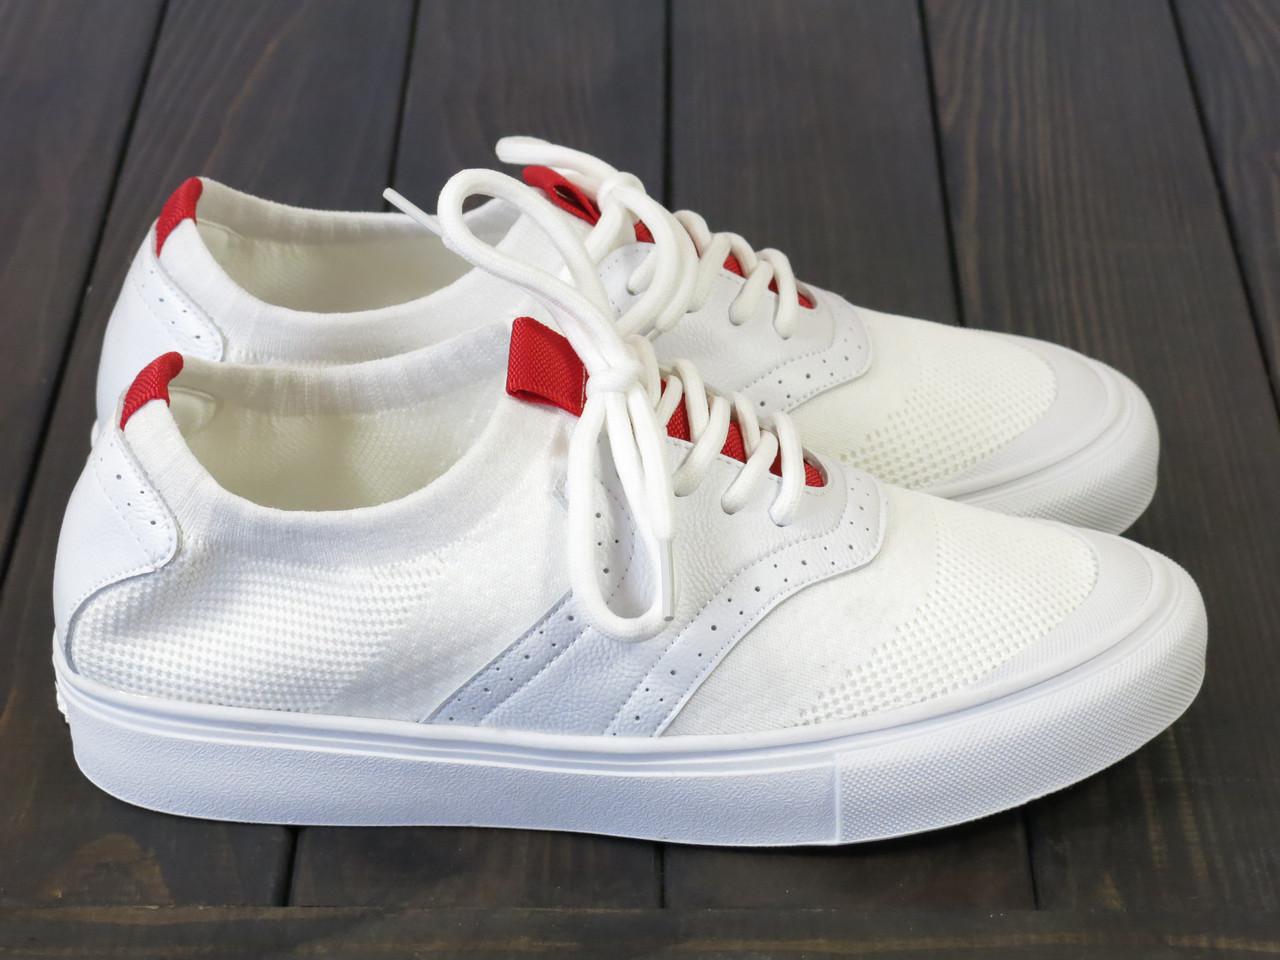 Белые текстильные кеды Lonza FLM91006 WHITE 36 23 см